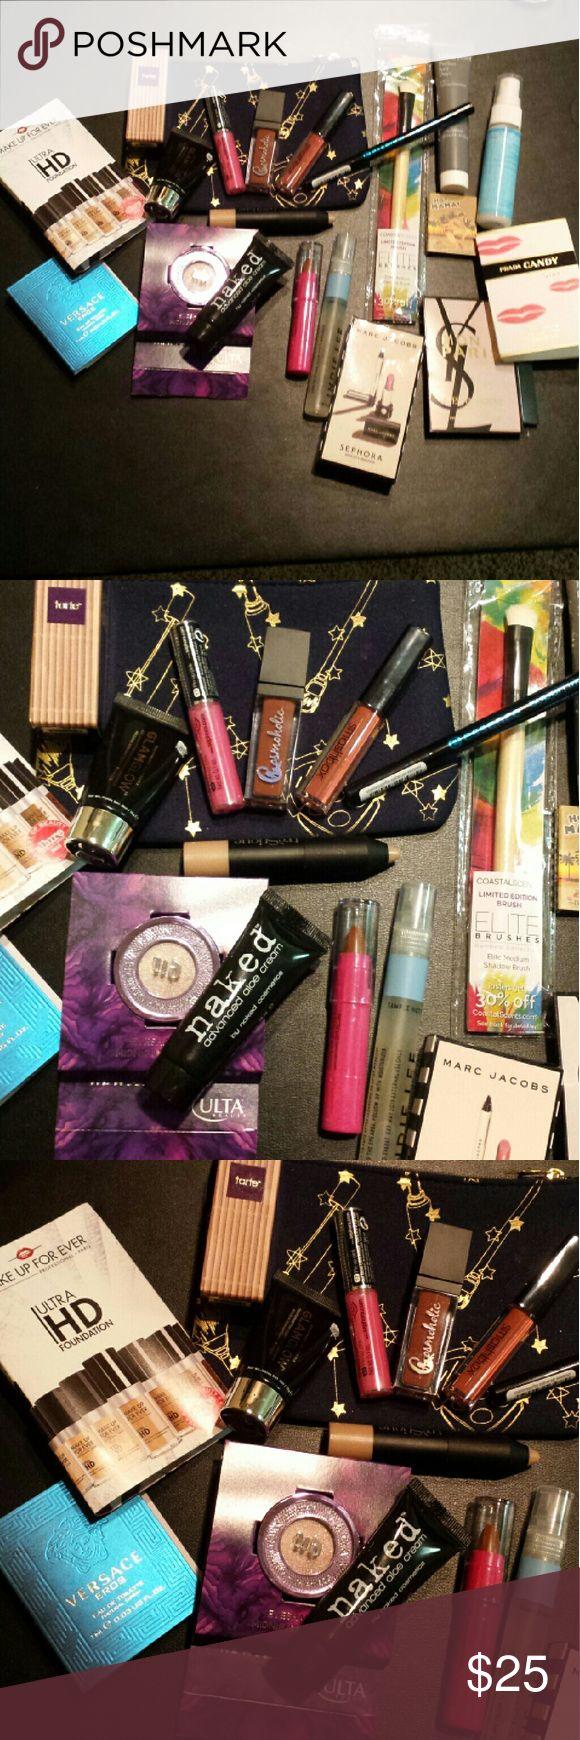 Ipsy makeup lot Ipsy/ Sephora Play! Makeup Lot Smashbox